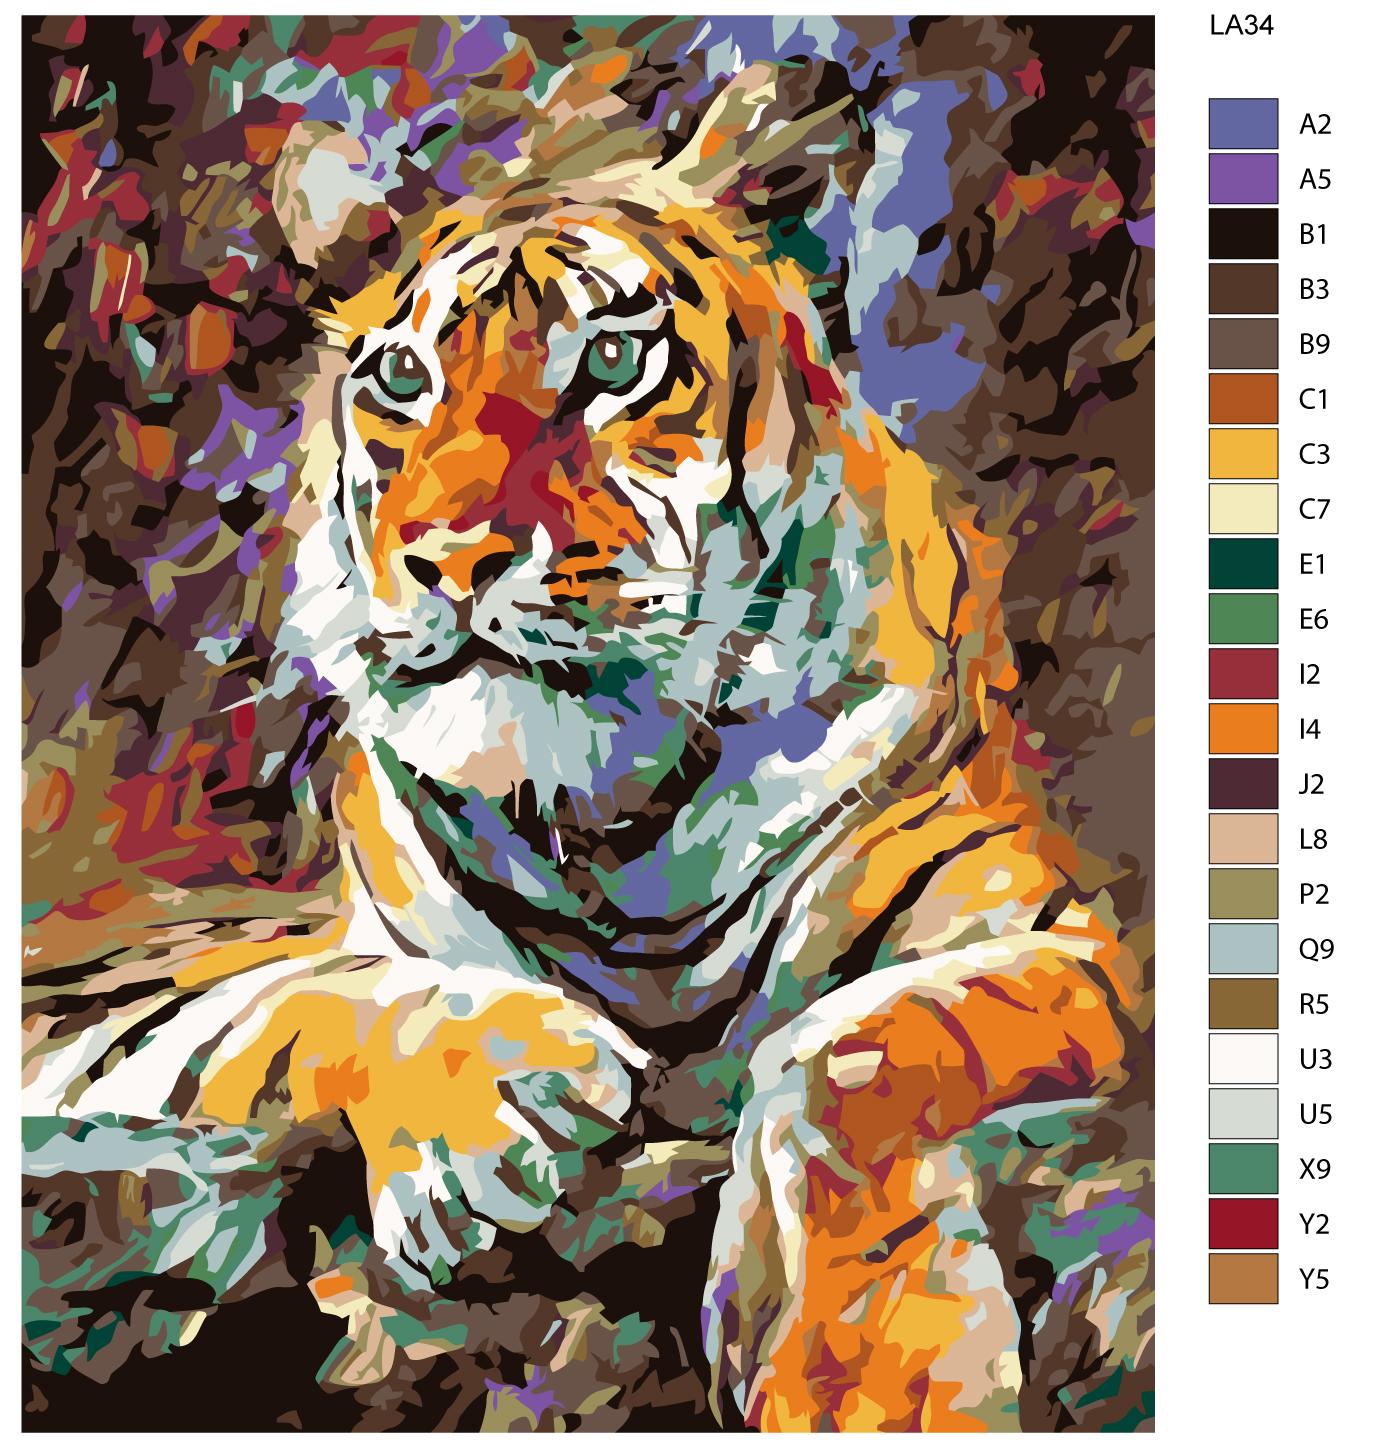 Набор для создания картины Живопись по номерам LA34LA34Количество красок от 18 до 24. Картина раскрашивается без смешивания красок. Высококачественные акриловые краски собственного производства сделают вашу картину яркой и уникальной. Все необходимые материалы есть в комплекте: натуральный хлопковый холст, натянутый на деревянный подрамник, баночки с акриловыми красками на водной основе, 3 кисти из качественного нейлона, схема раскрашивания, инструкция. Просто закрашивайте участки красками с соответствующим номером.